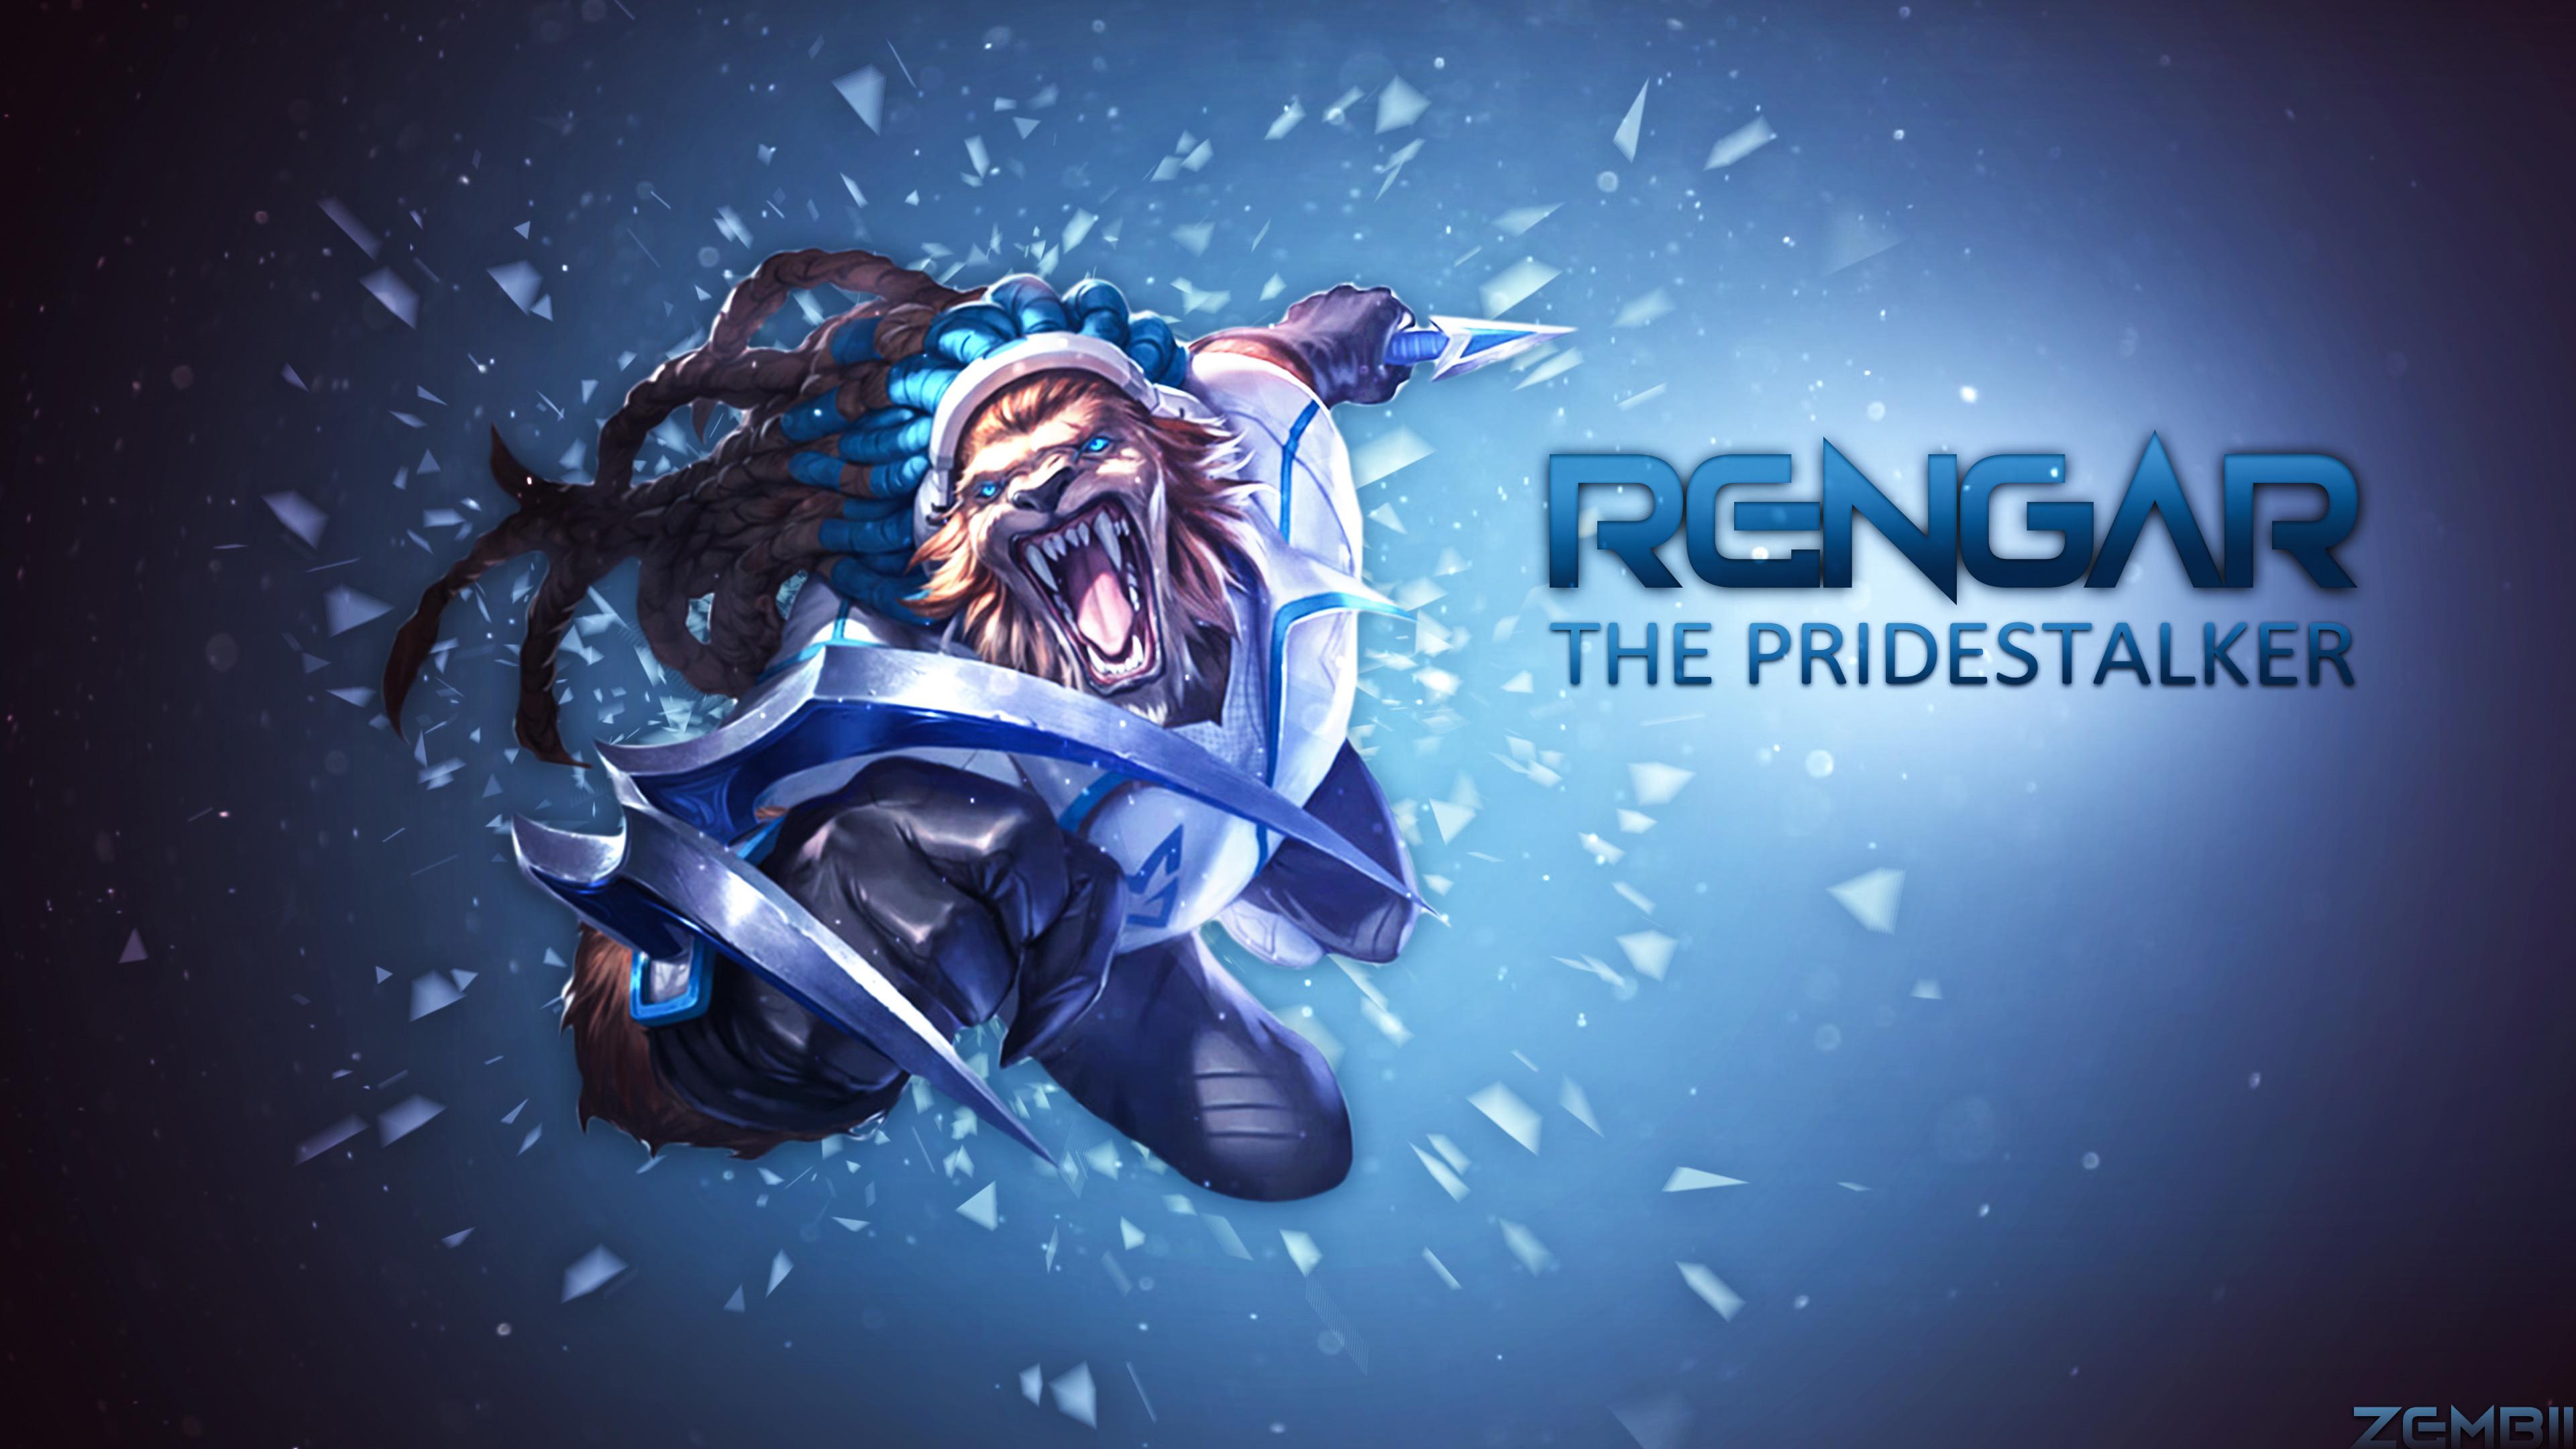 SSW Rengar by Zembii HD Wallpaper Fan Artwork League of Legends lol